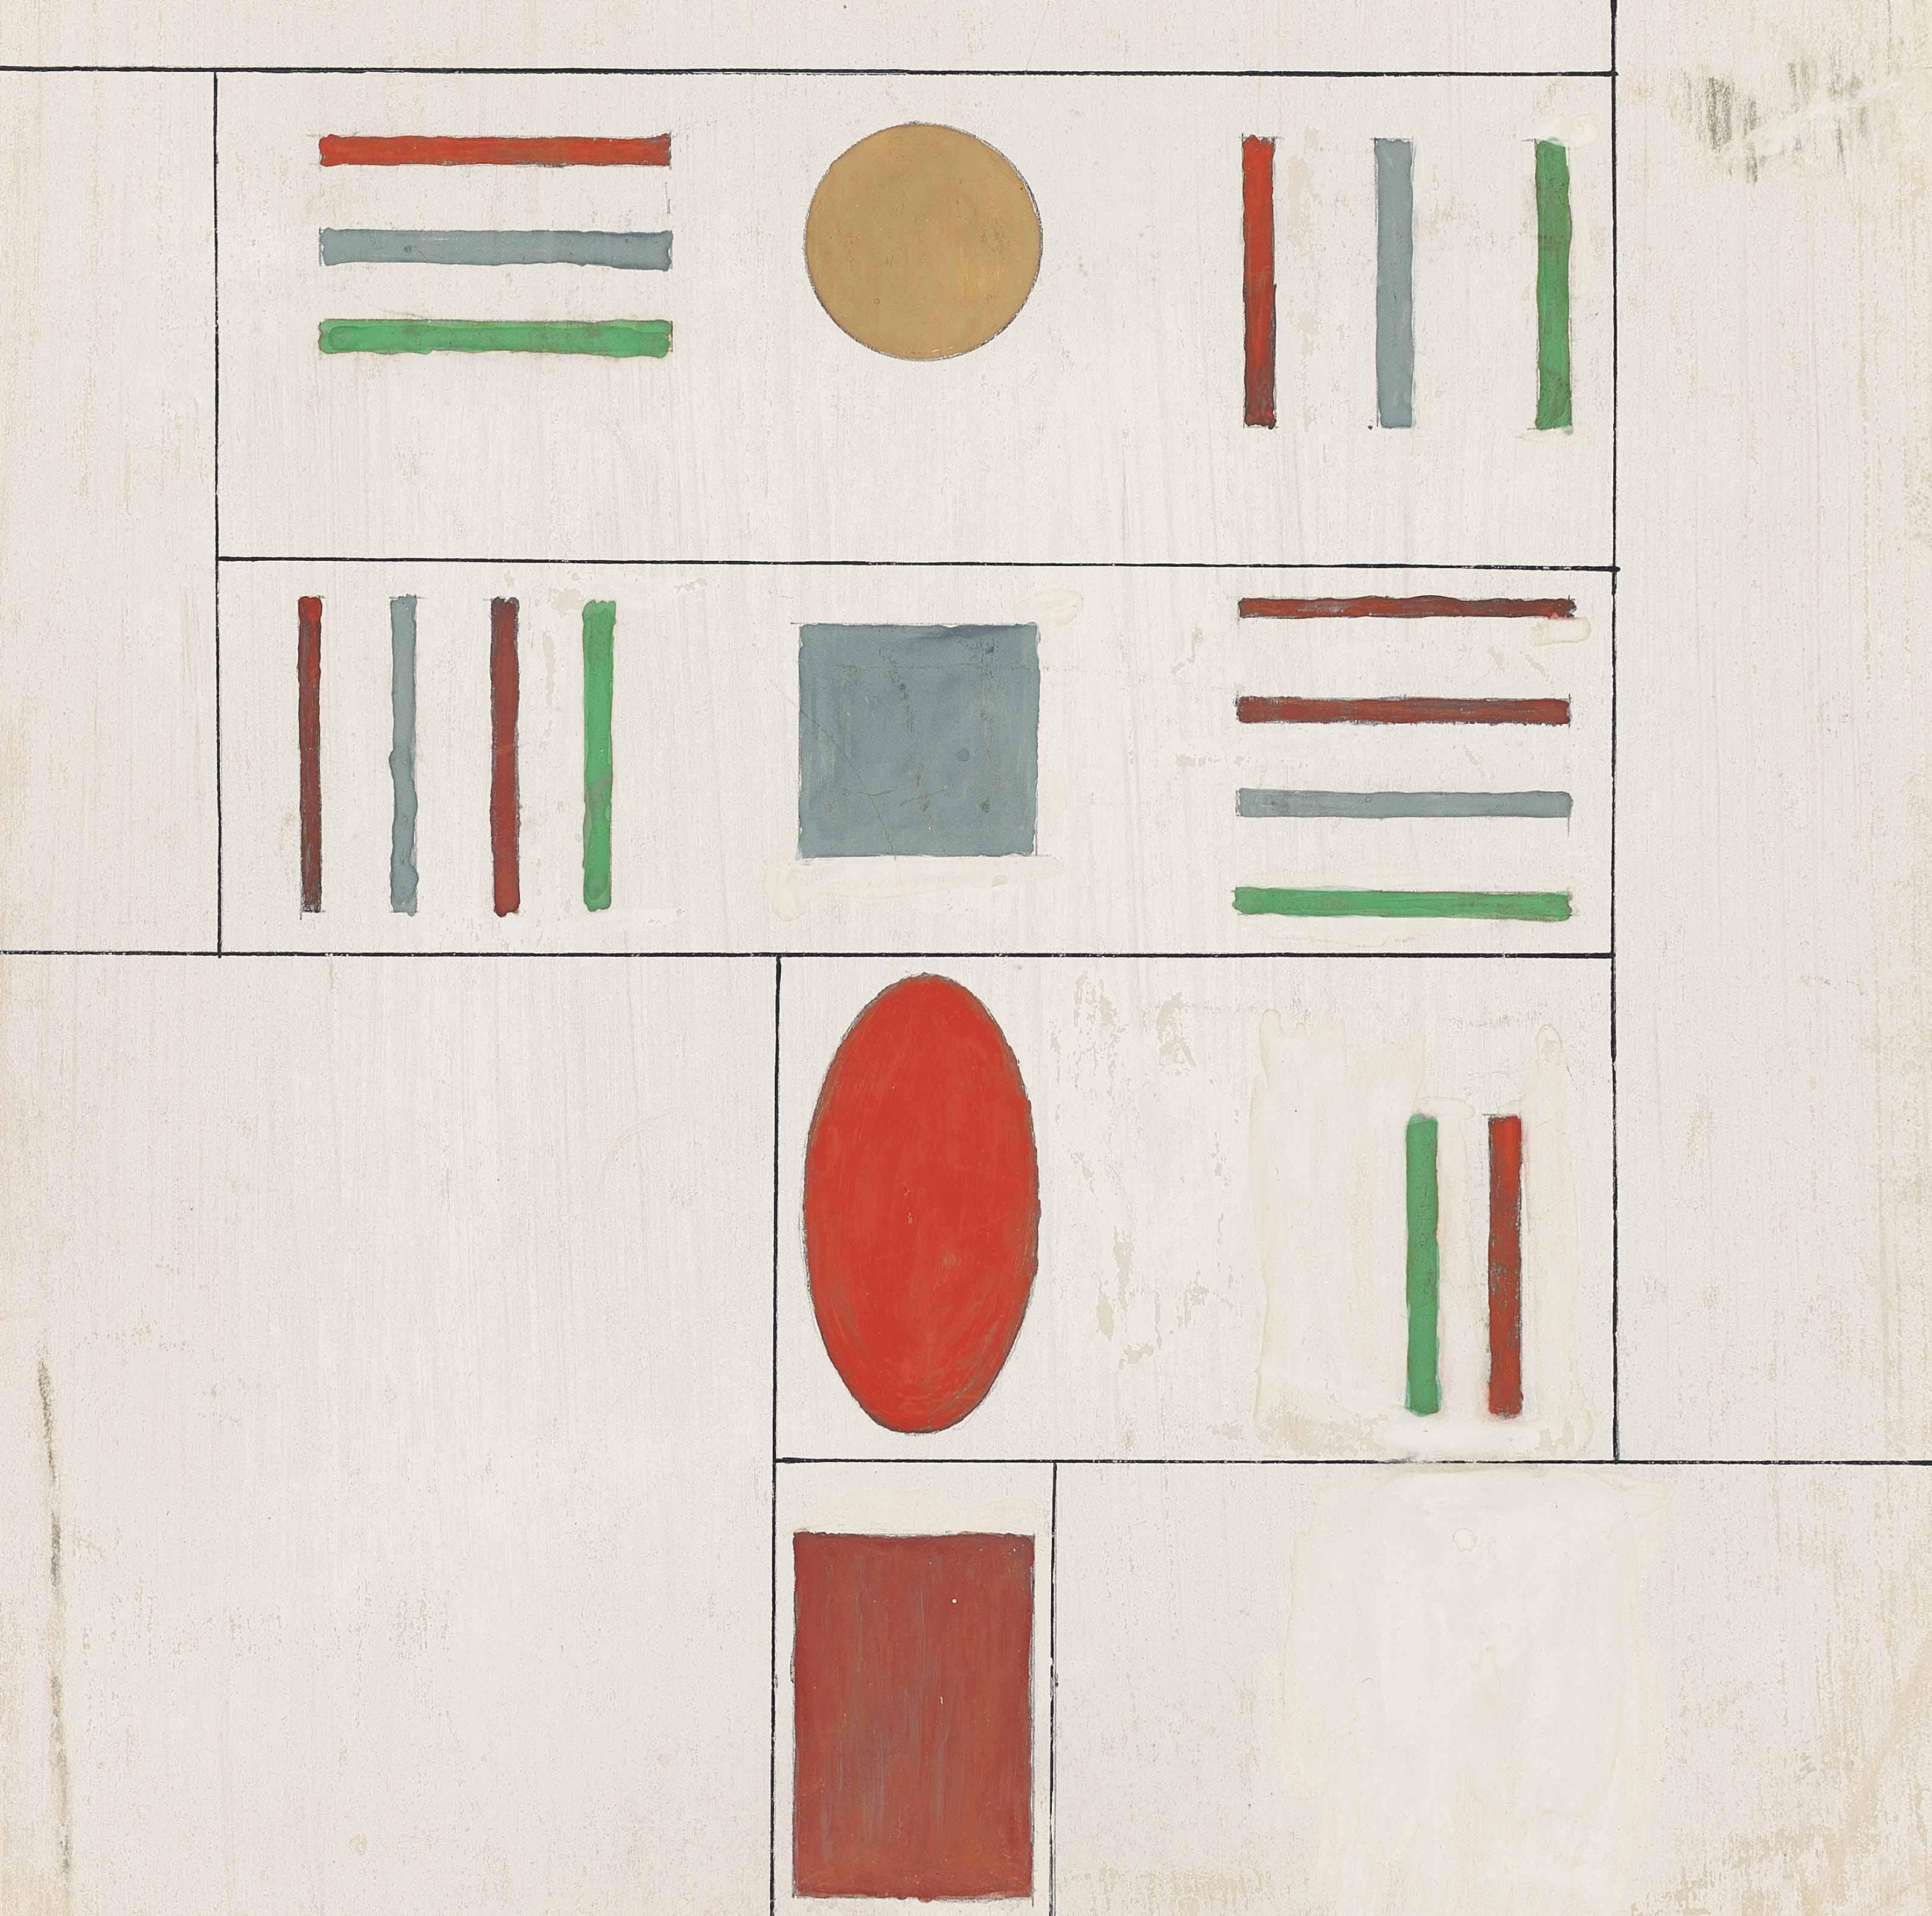 Fonction de formes et de couleurs